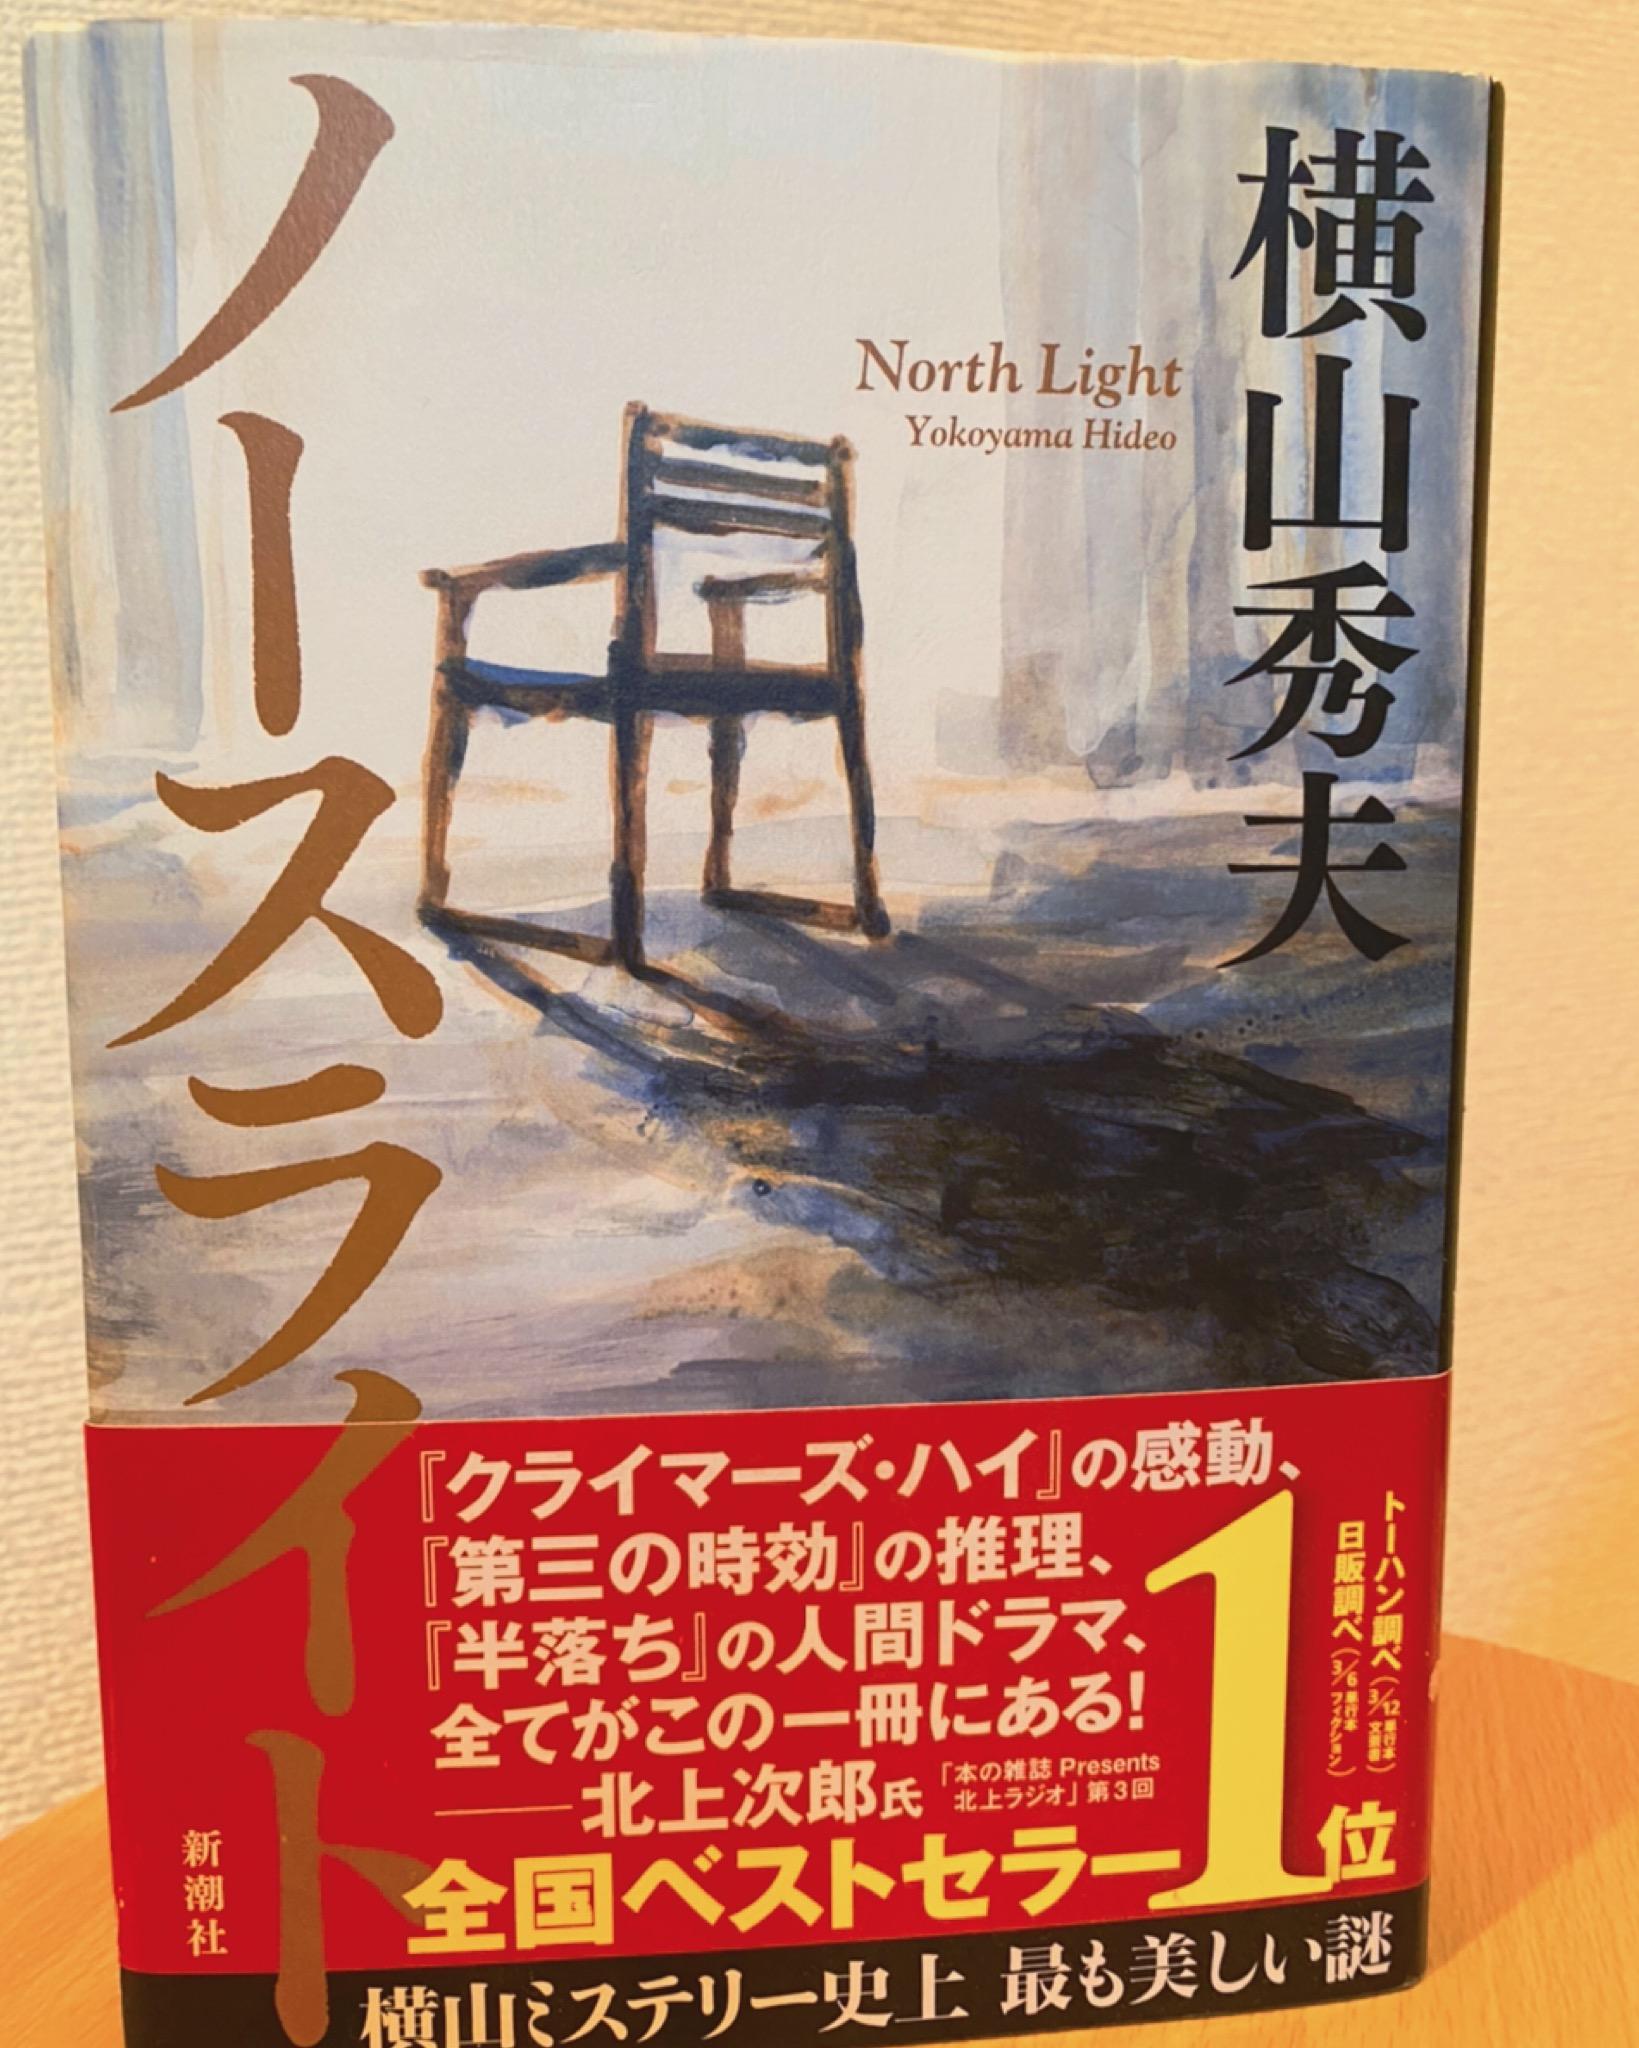 ノースライト 横山秀夫